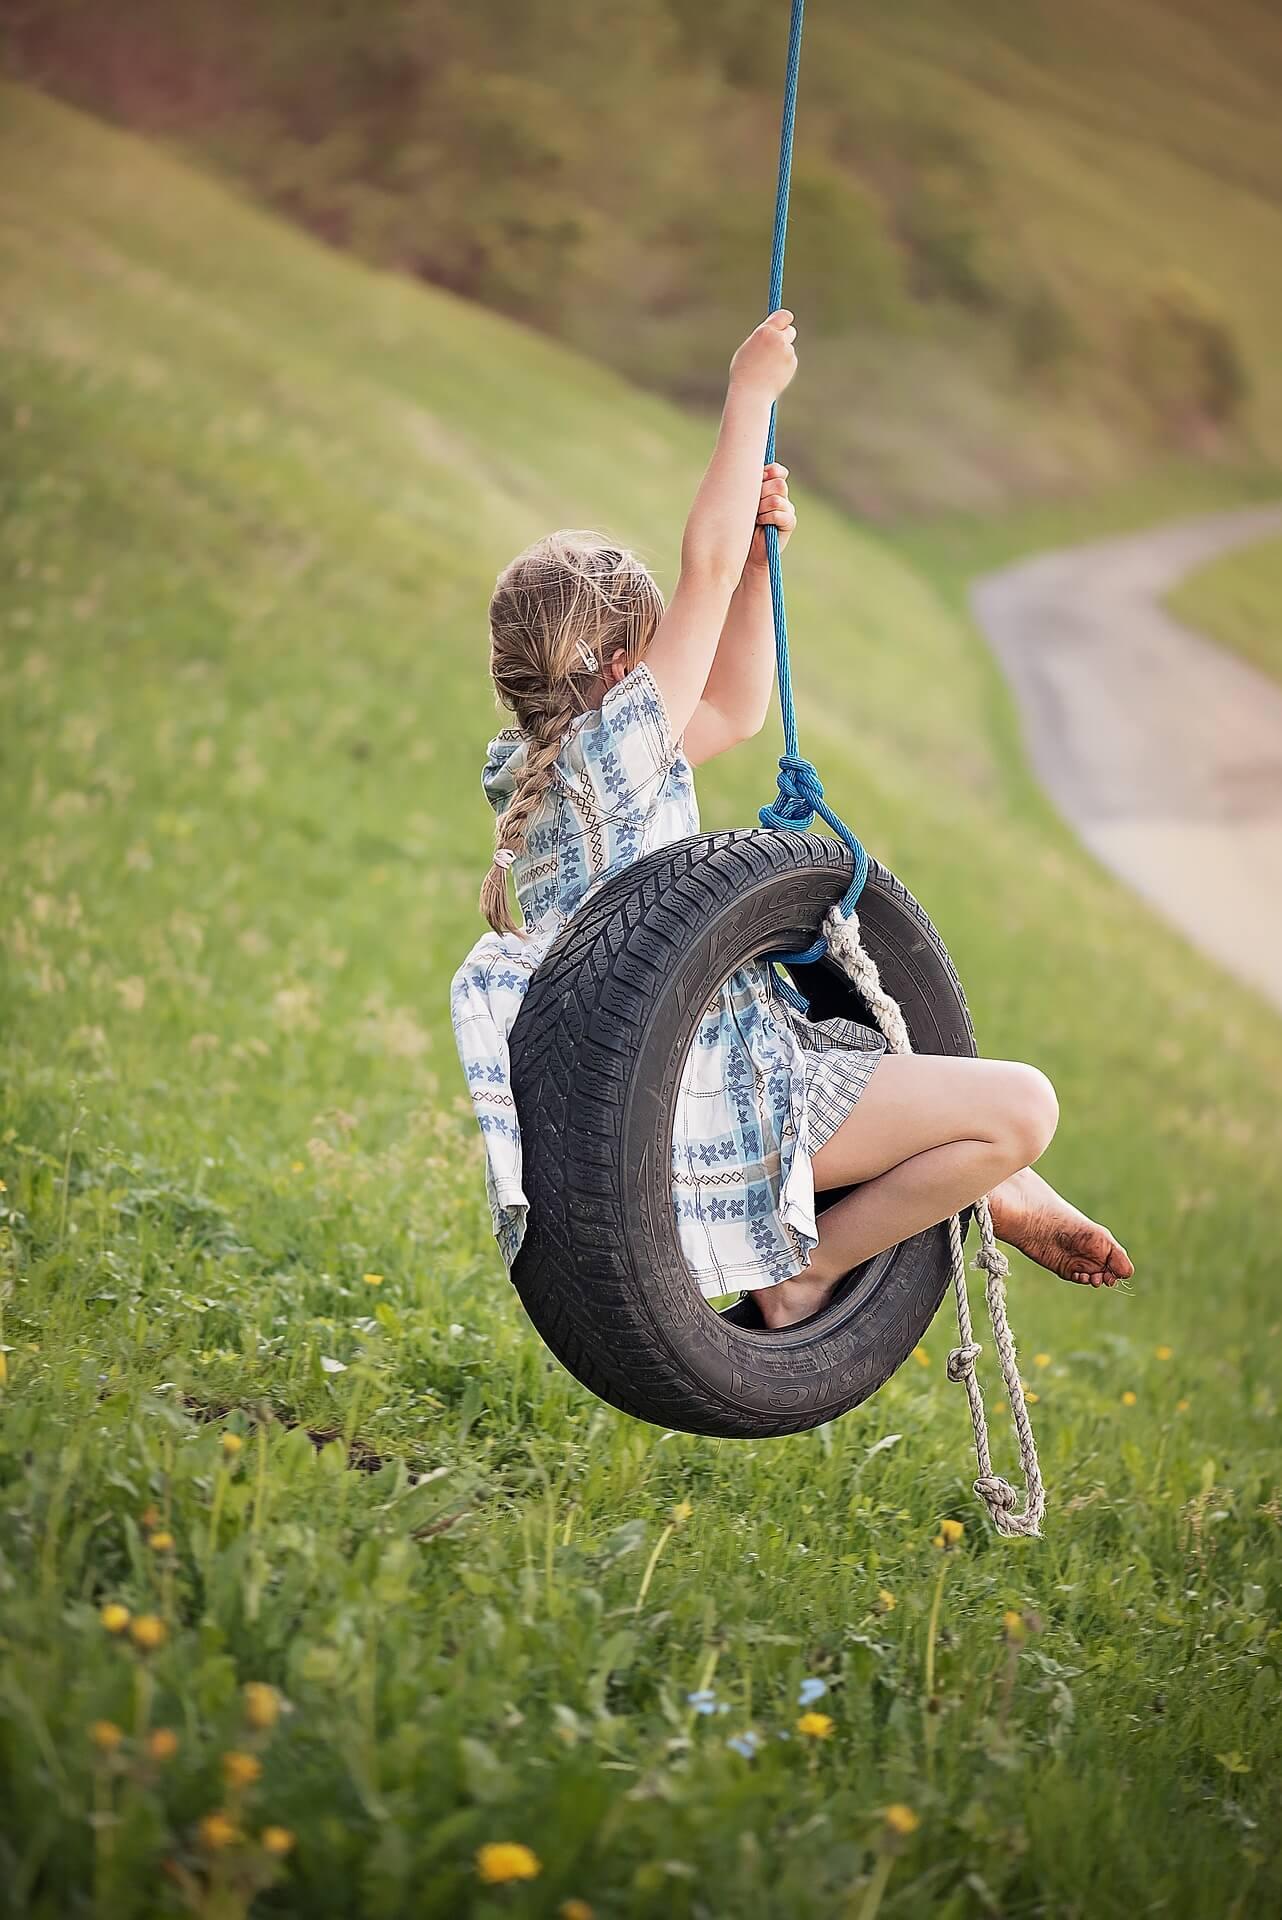 Menina a balouçar num pneu pendurado por uma corda, sobre um campo verde.